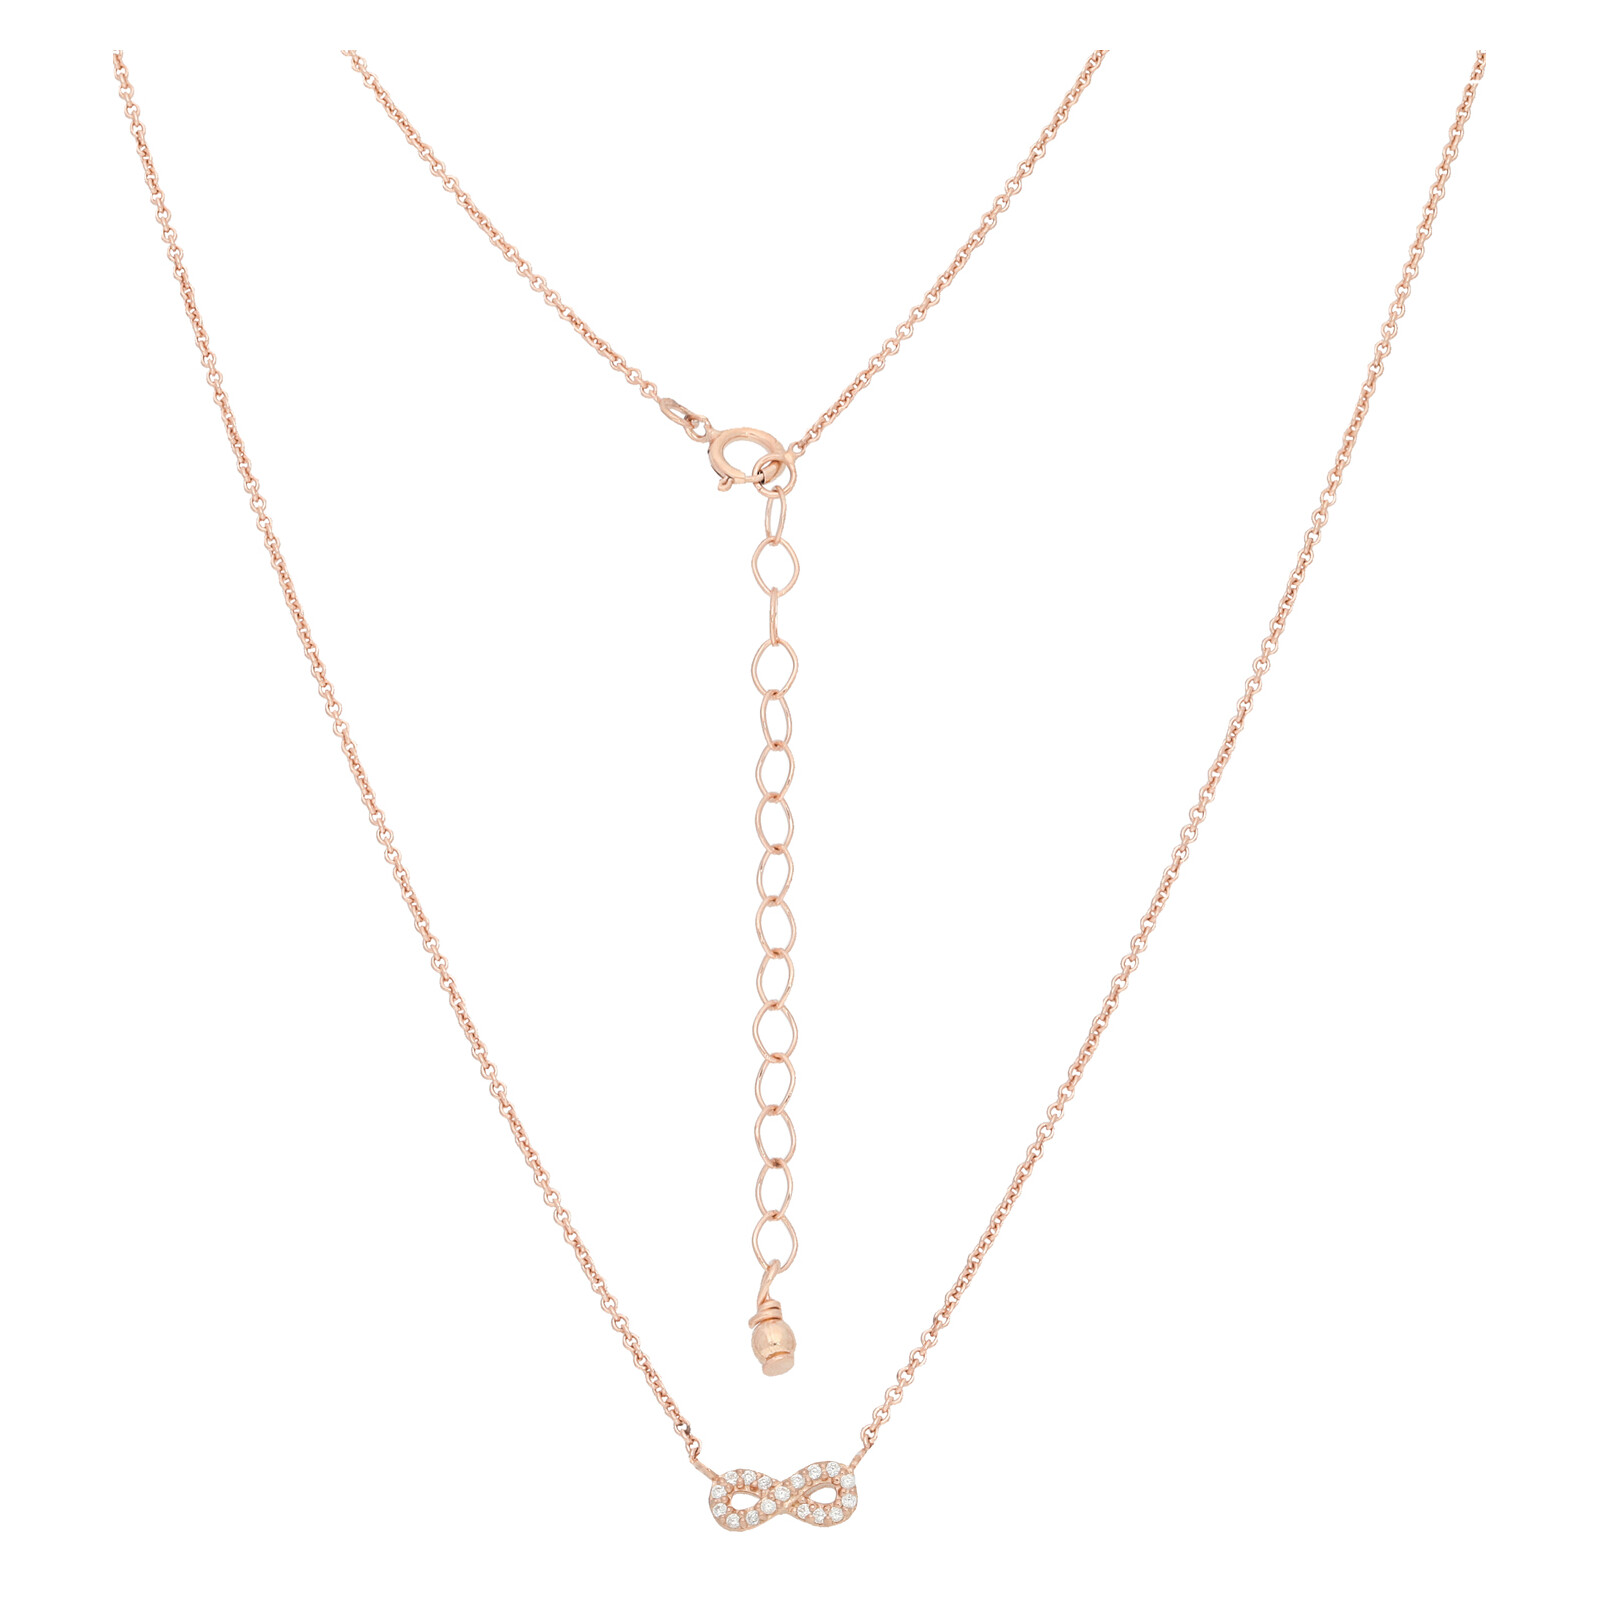 Halskette Infinity rosevergoldet echt Silber